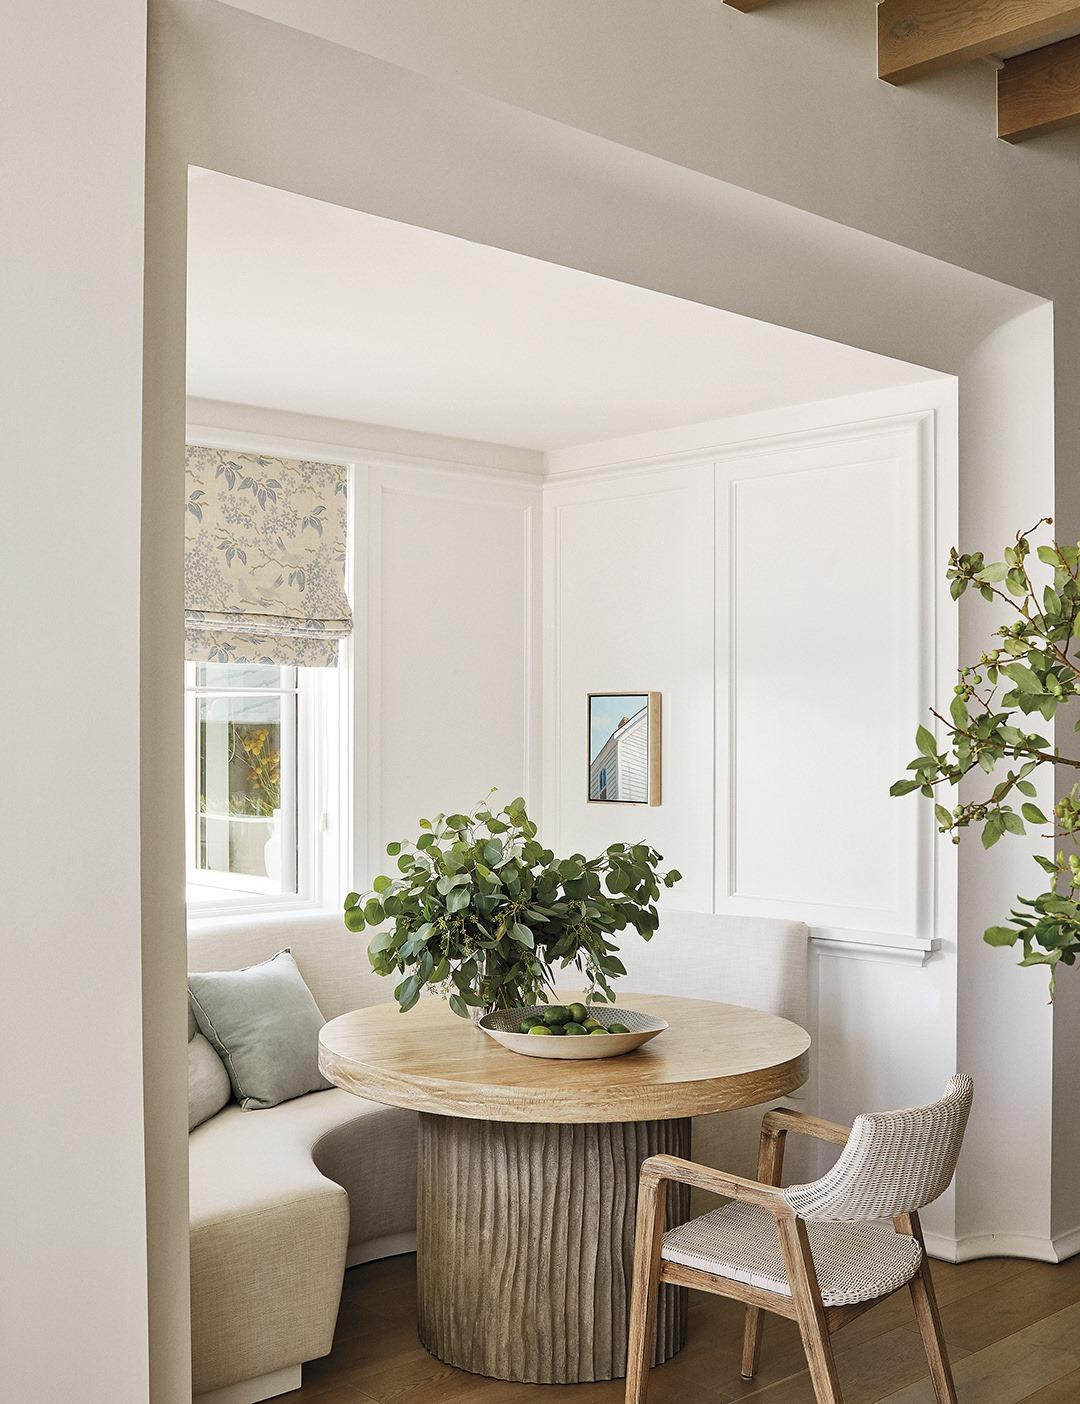 Exquisitely designed breakfast nook by Suzanne Kasler (architecture by Pursley Dixon) in MILIEU magazine's spring 2021 issue. #breakfastnook #interiordesign #suzannekasler